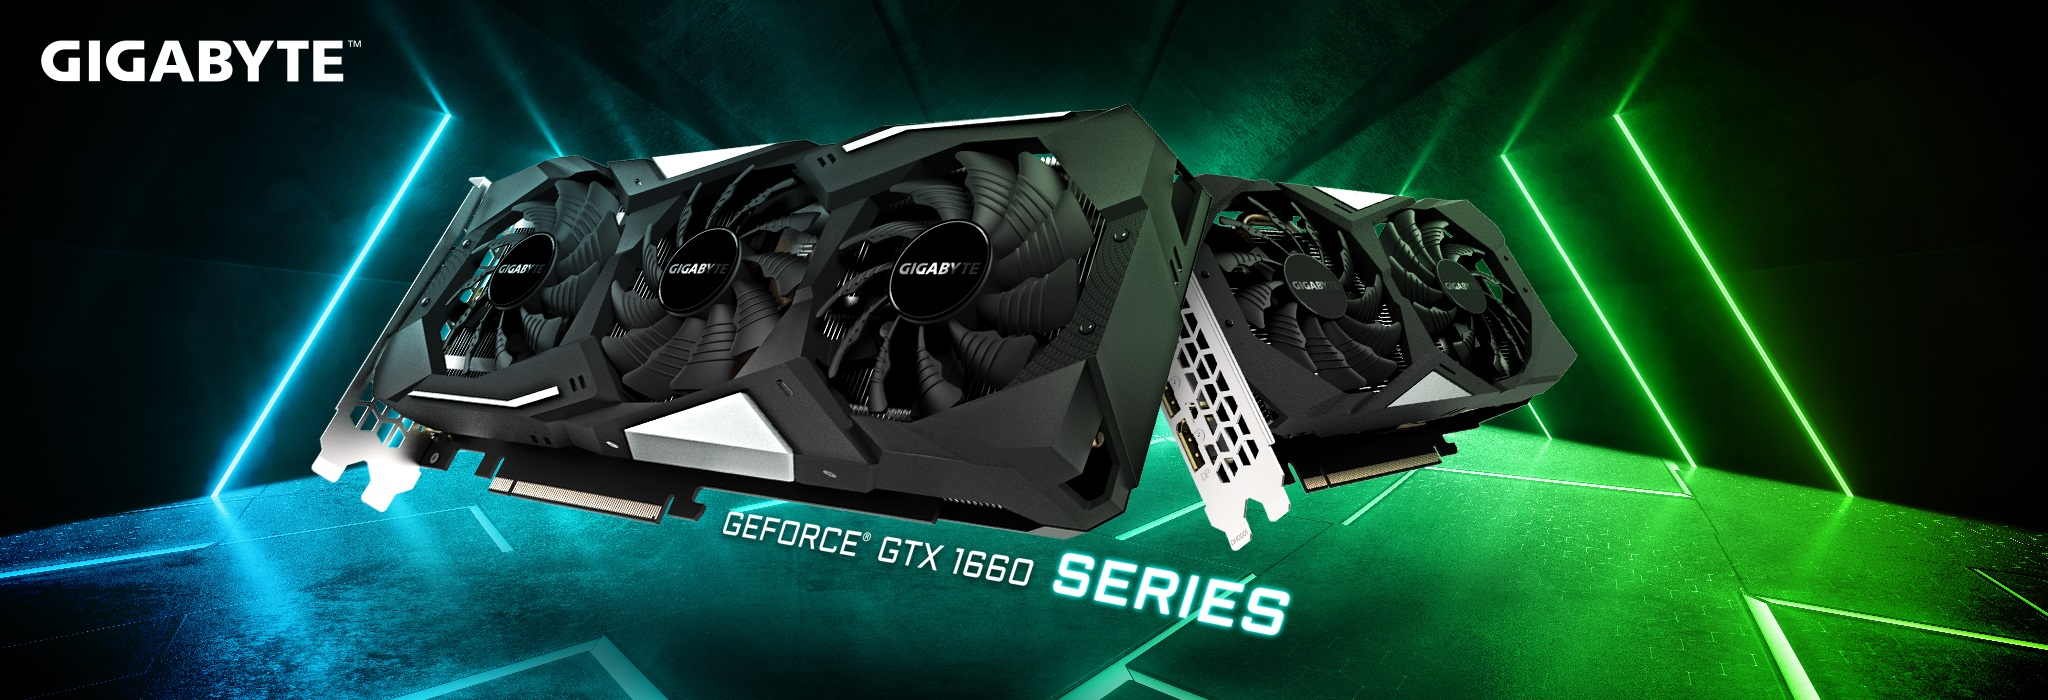 技嘉接力發佈GeForce GTX 1660晶片顯示卡